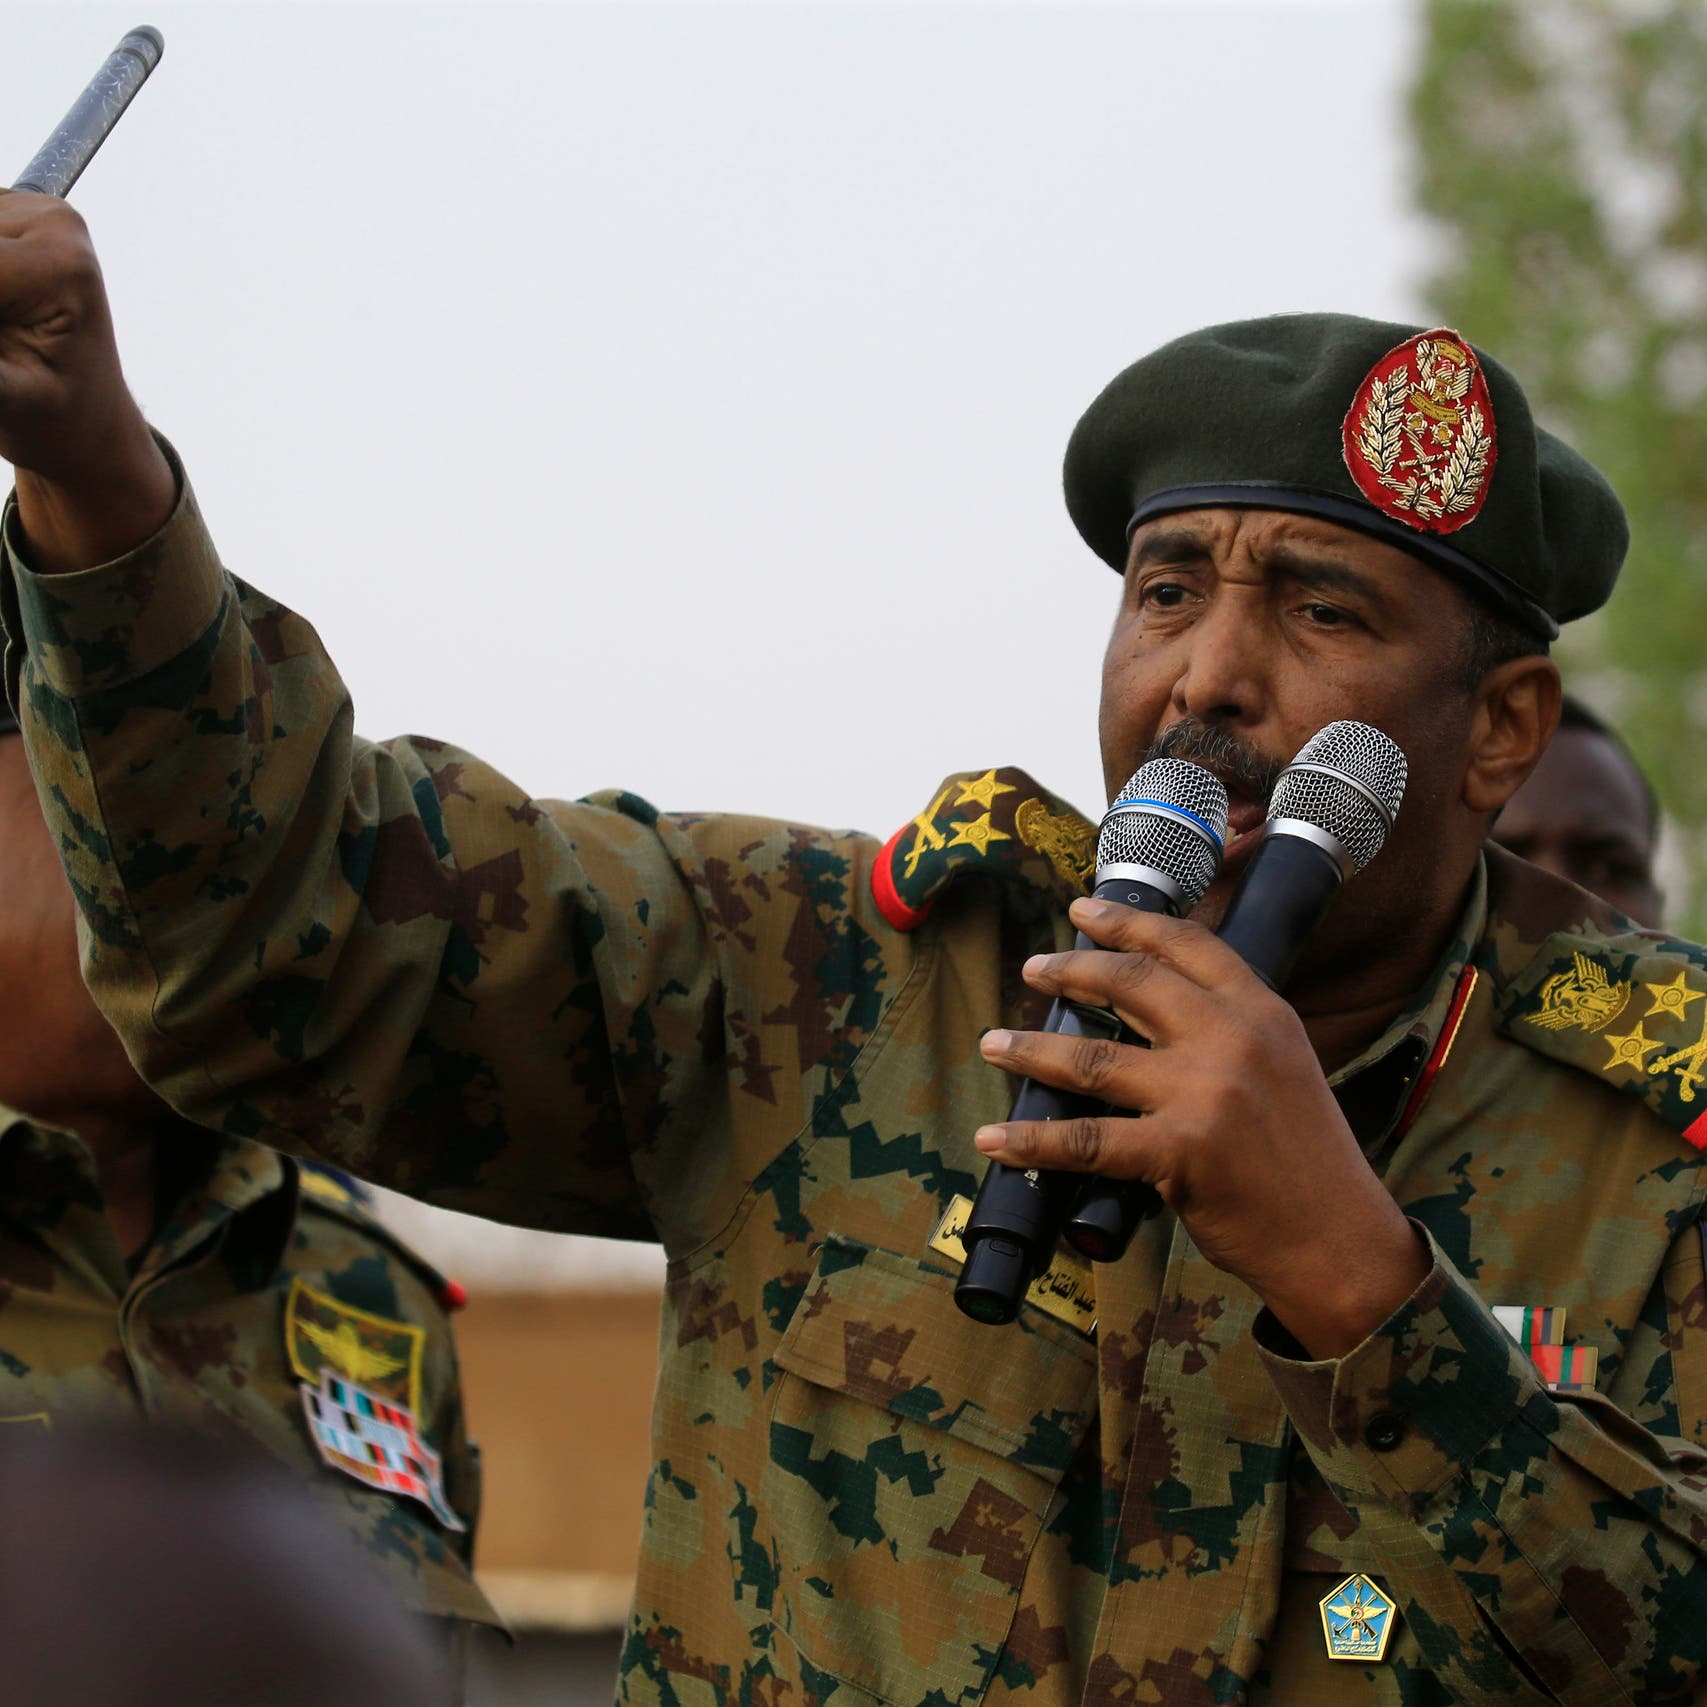 البرهان: البعض في السودان يحاول إقصاء القوات المسلحة